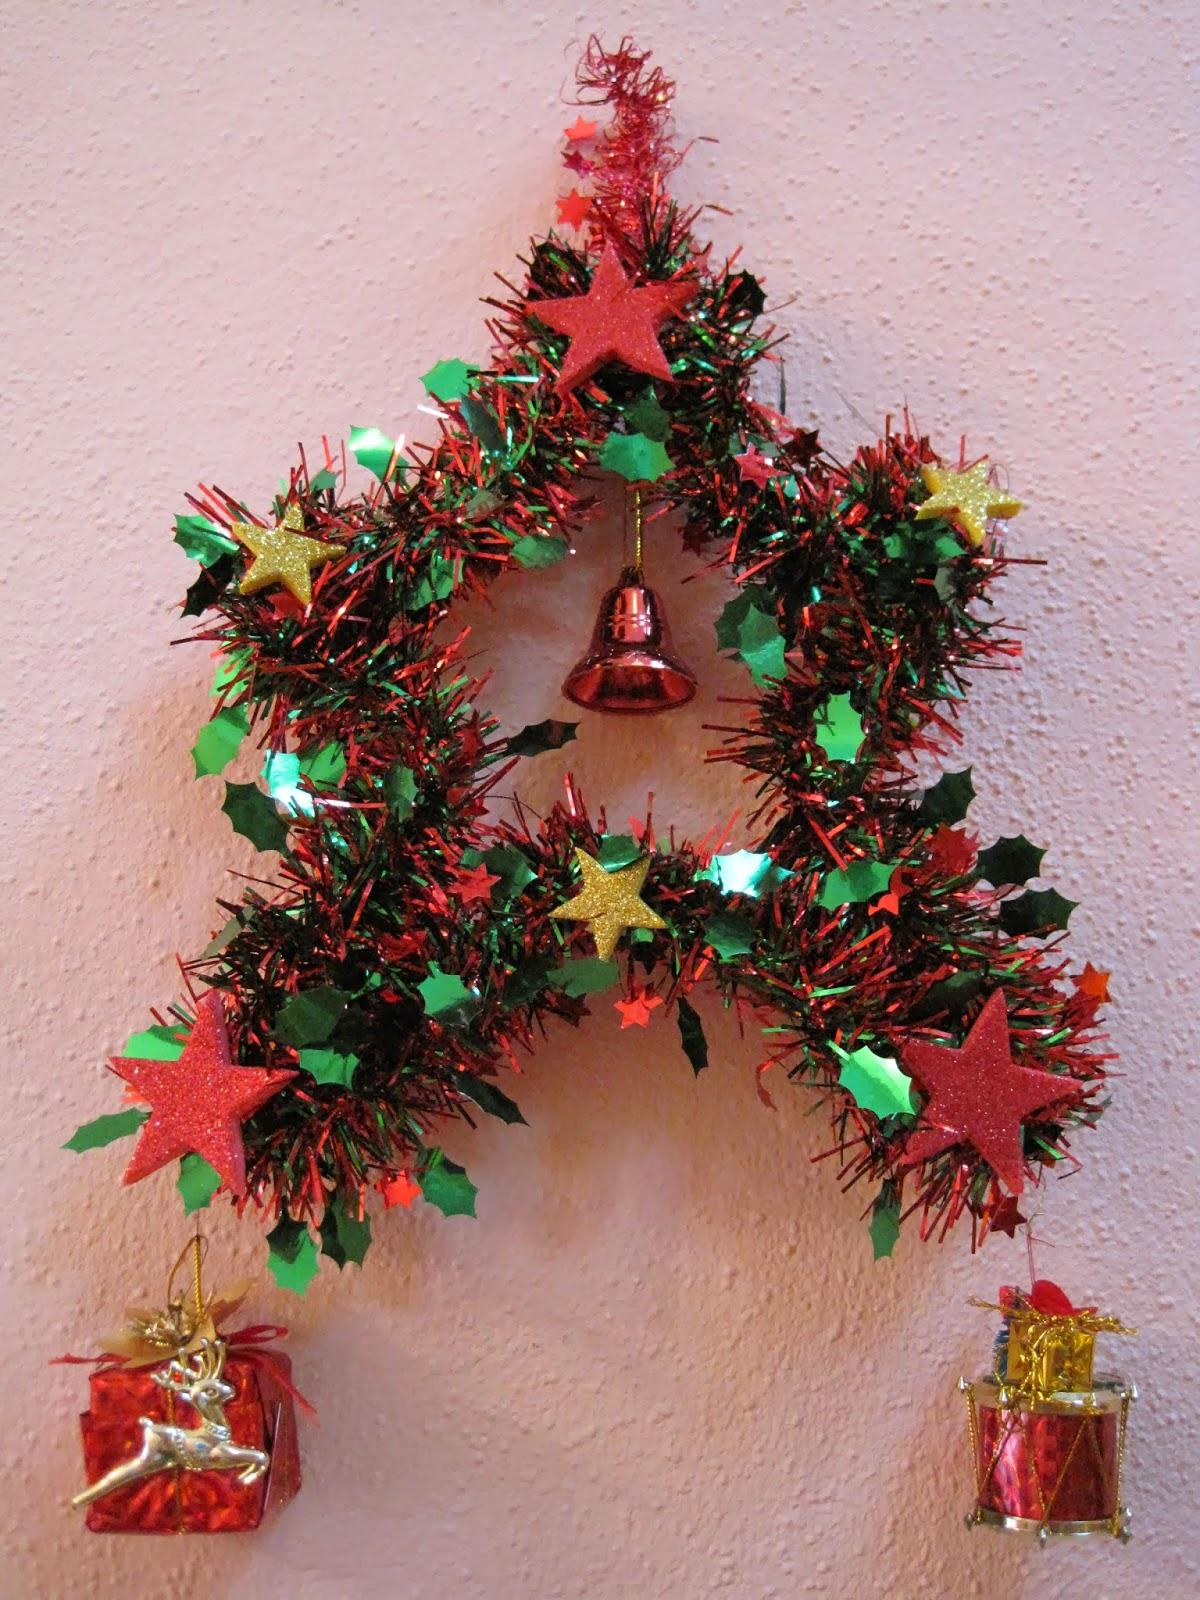 Geschenkfinder selbstgemachte weihnachtsdeko geschenke - Selbstgemachte weihnachtsdeko ...